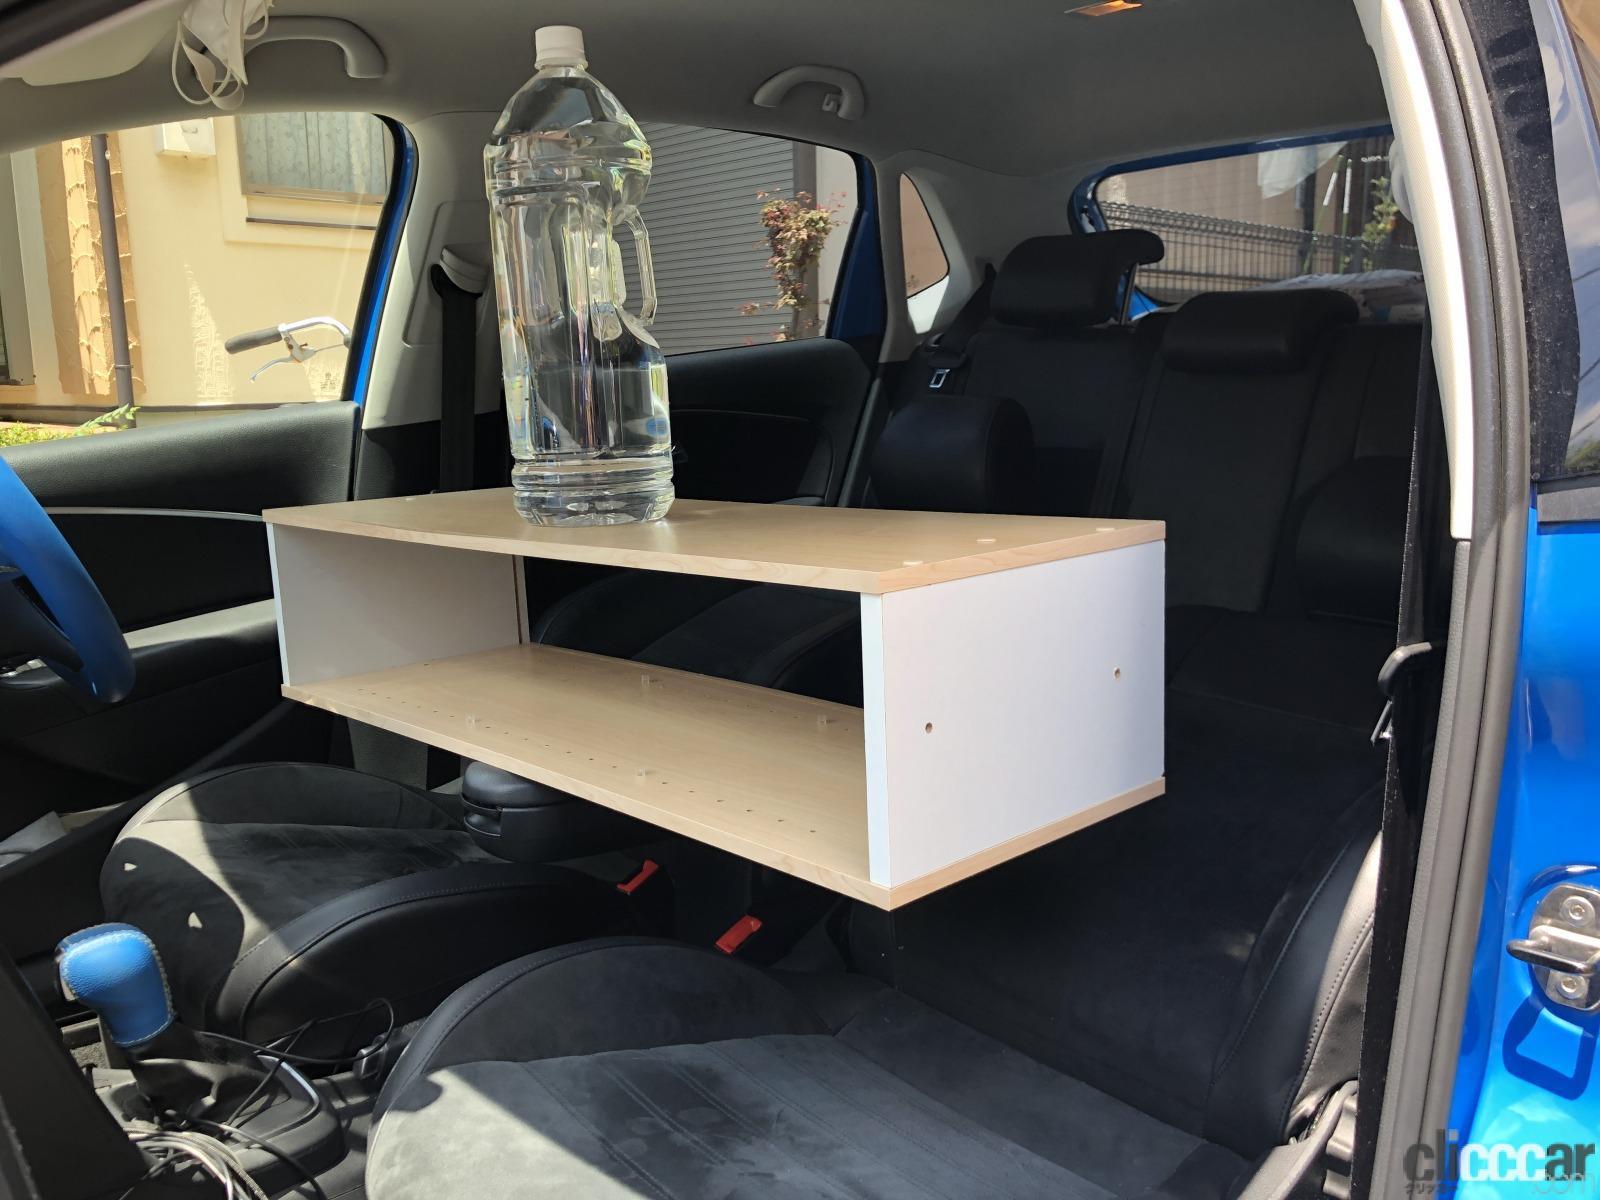 「灼熱の炎天下のクルマで、車内を家具DIYに活用してみたら意外とうまくいった!」の7枚目の画像